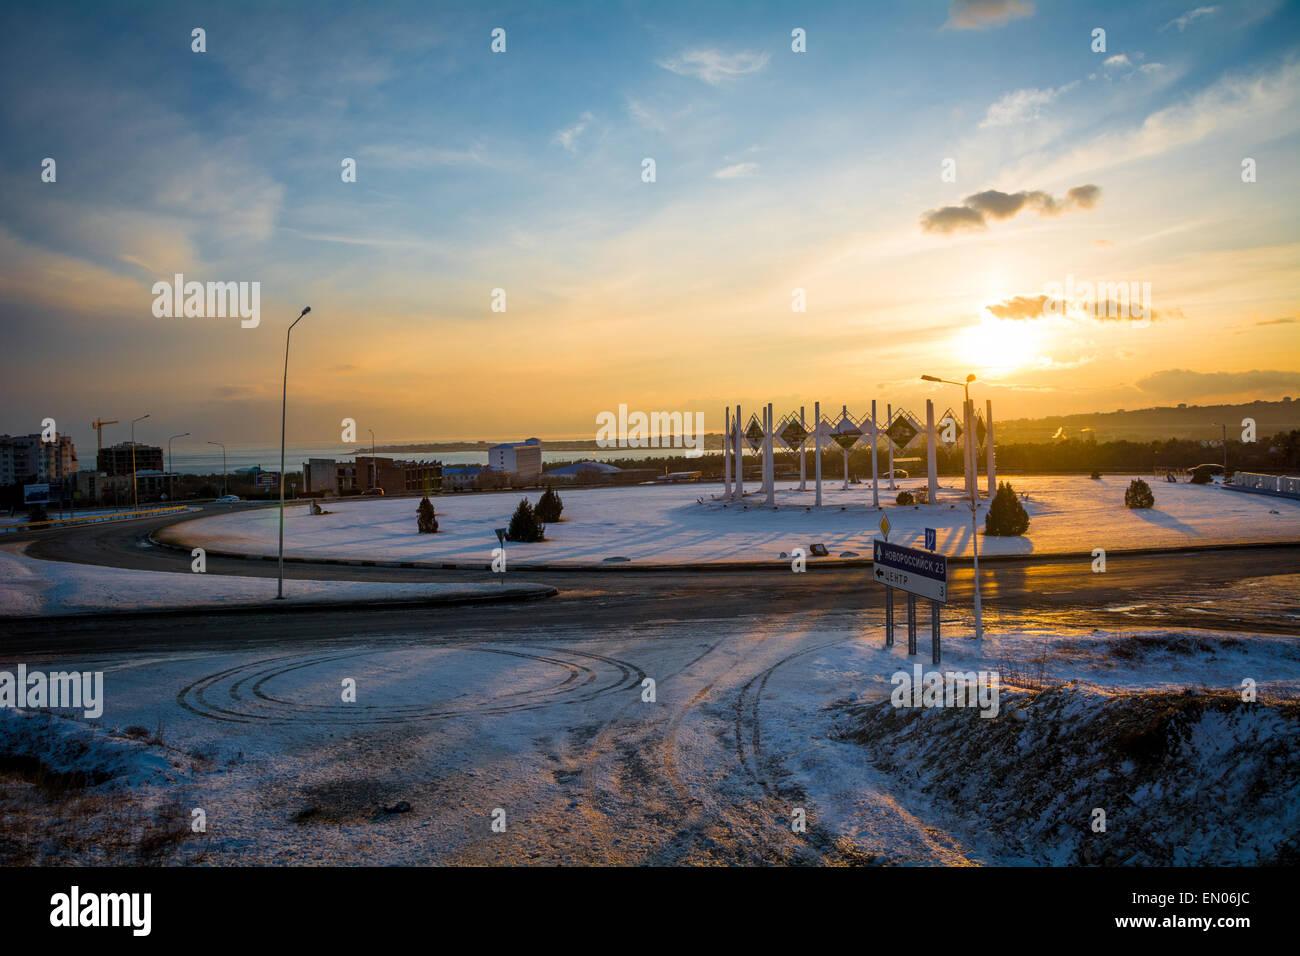 Where to go in Gelendzhik in summer or in winter